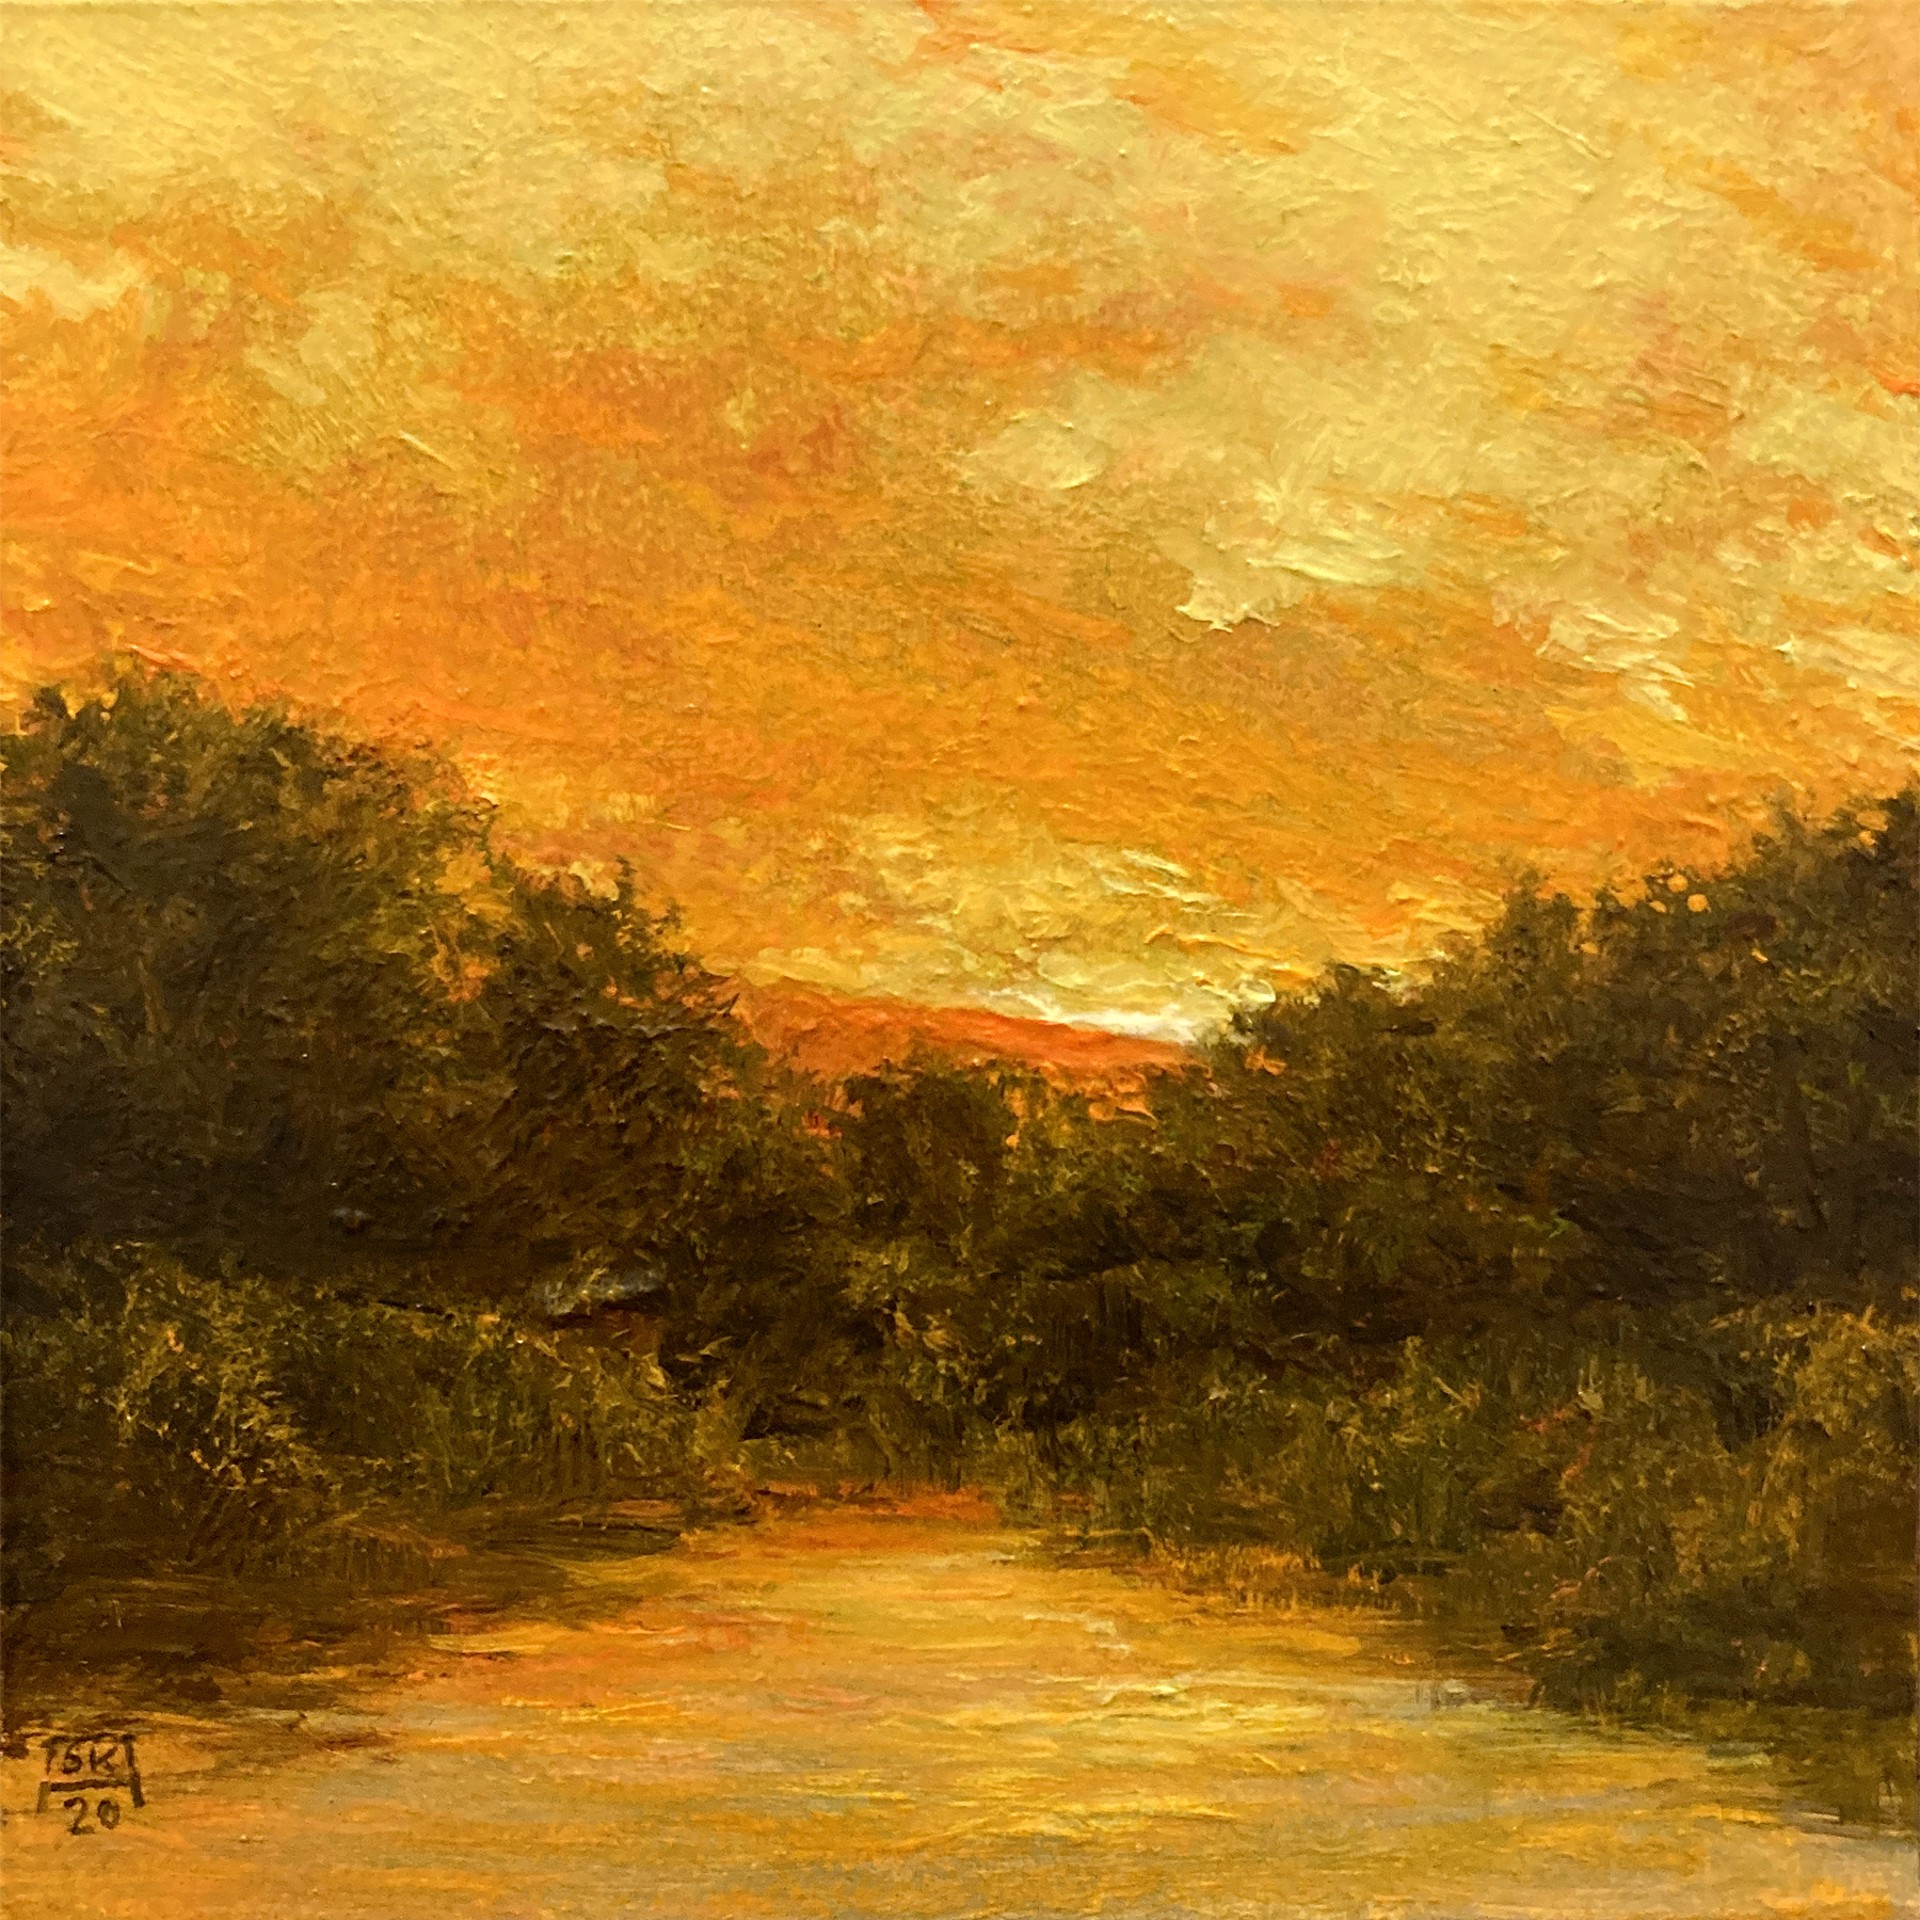 Summer Marsh by Shawn Krueger